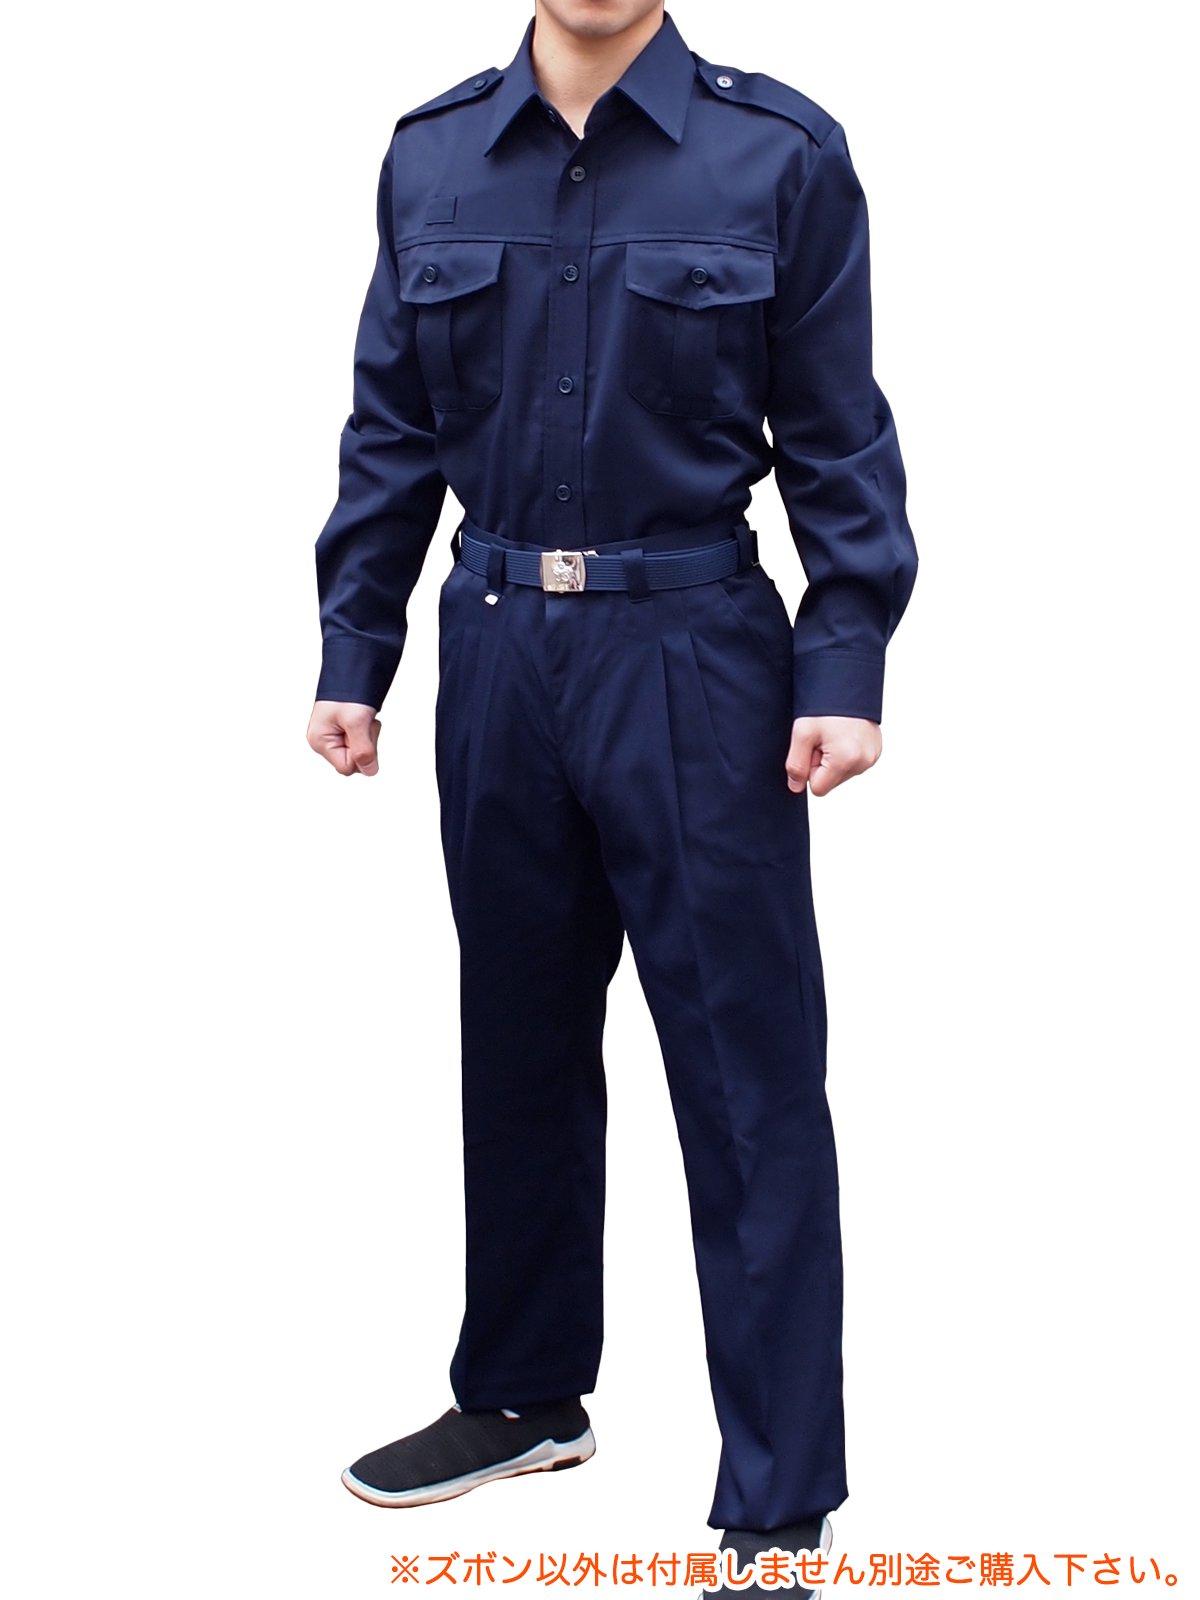 消防作業服米式ズボン【画像5】